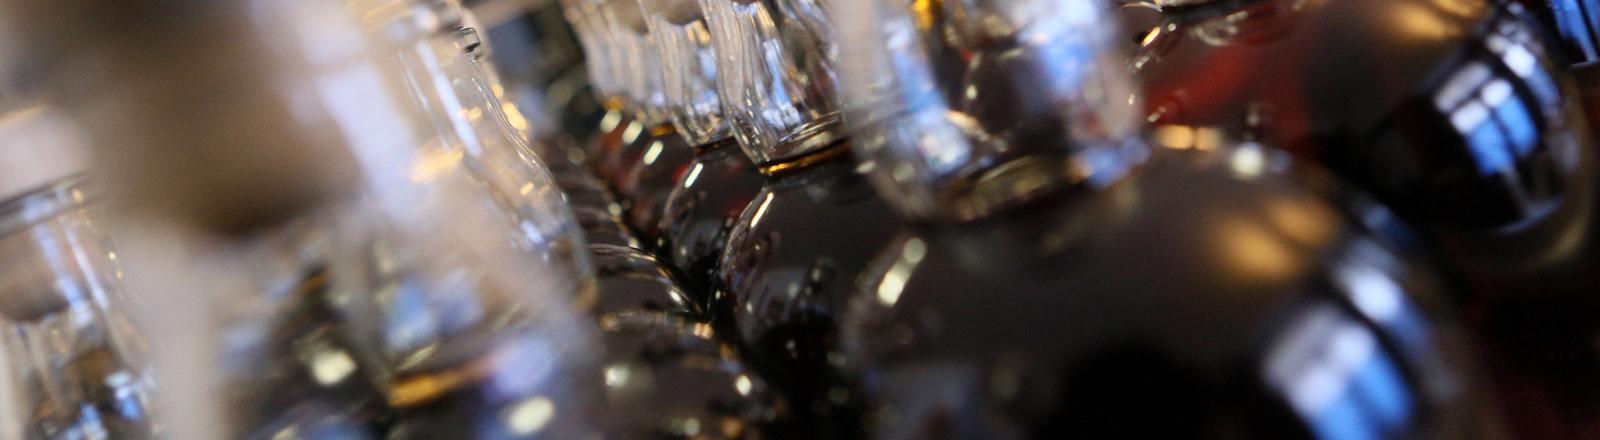 Mehrere Whiskey-Flaschen stehen nebeneinander.